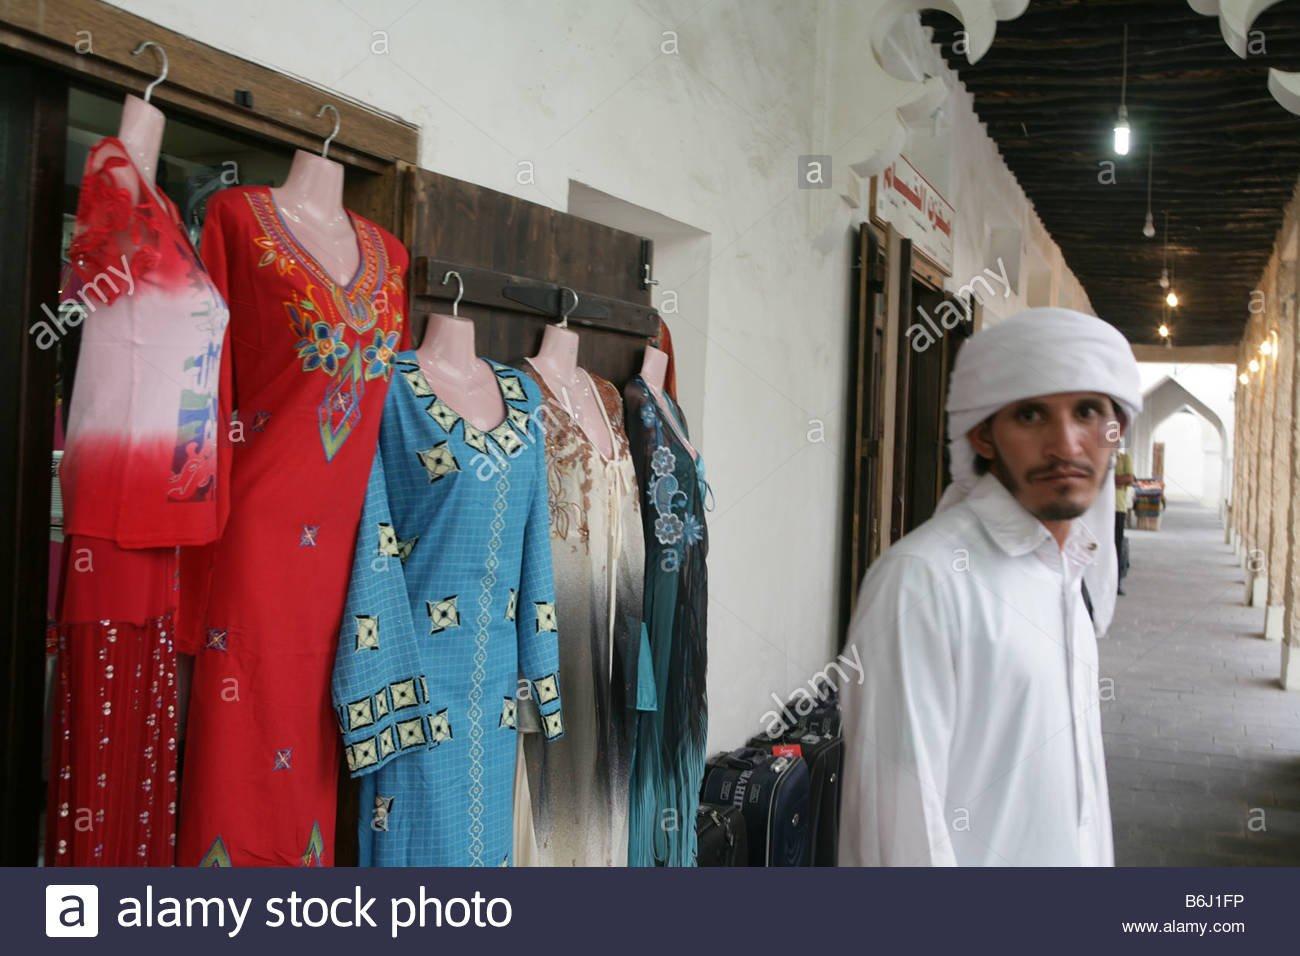 Магазин Одежда В Катаре Цена